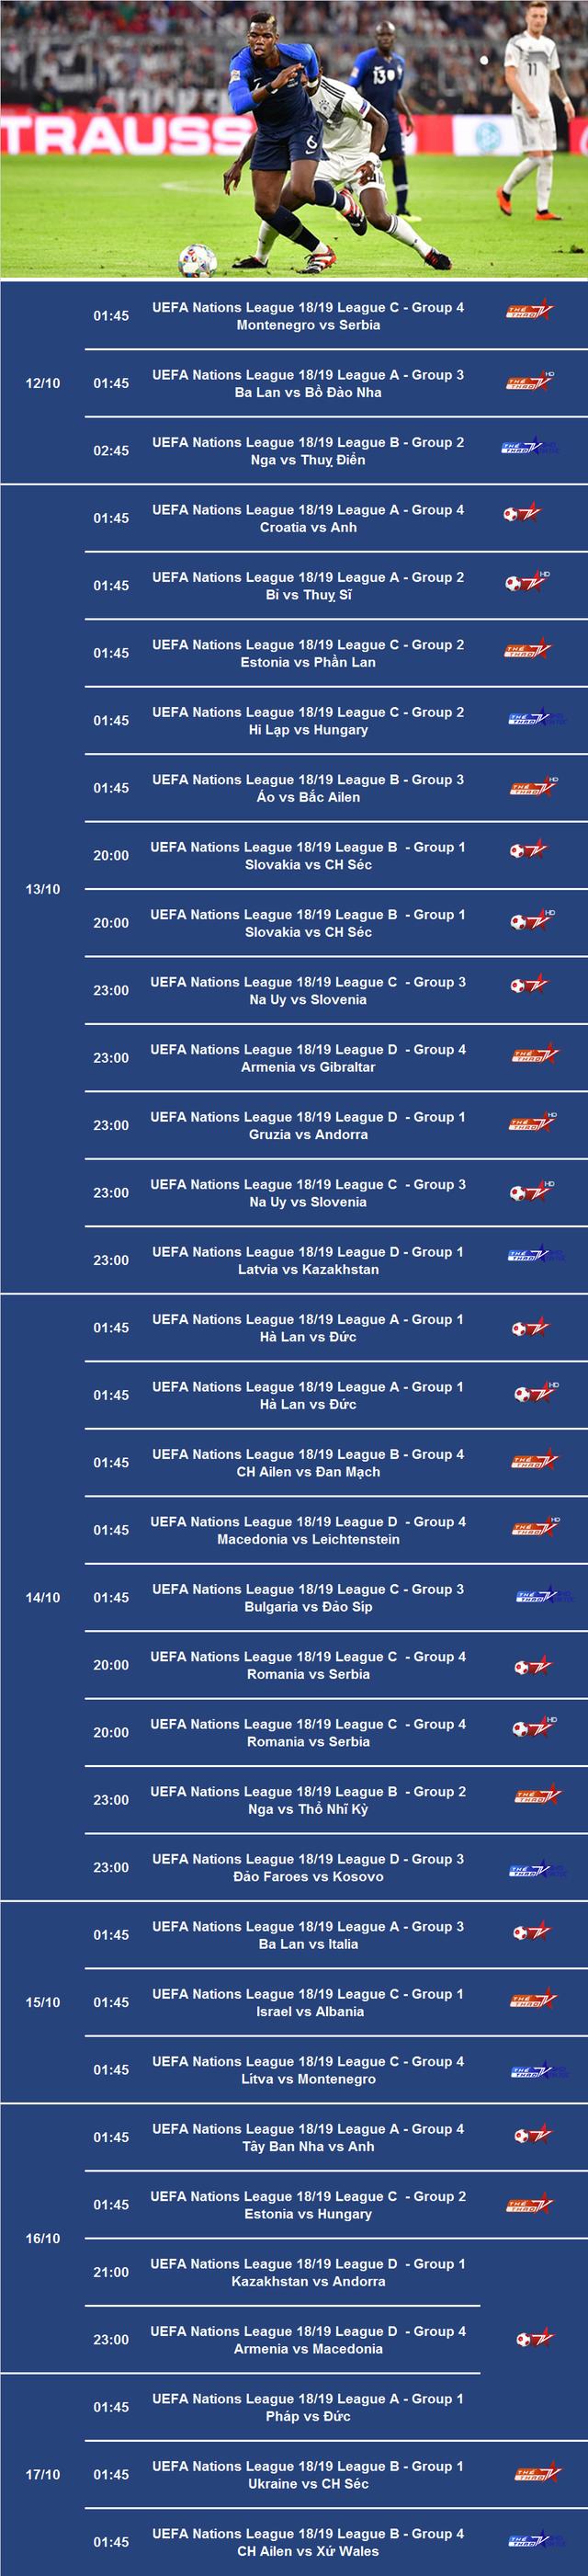 Lịch tường thuật trực tiếp bóng đá UEFA Nations League trên VTVcab từ 12/10 – 17/10 - Ảnh 2.